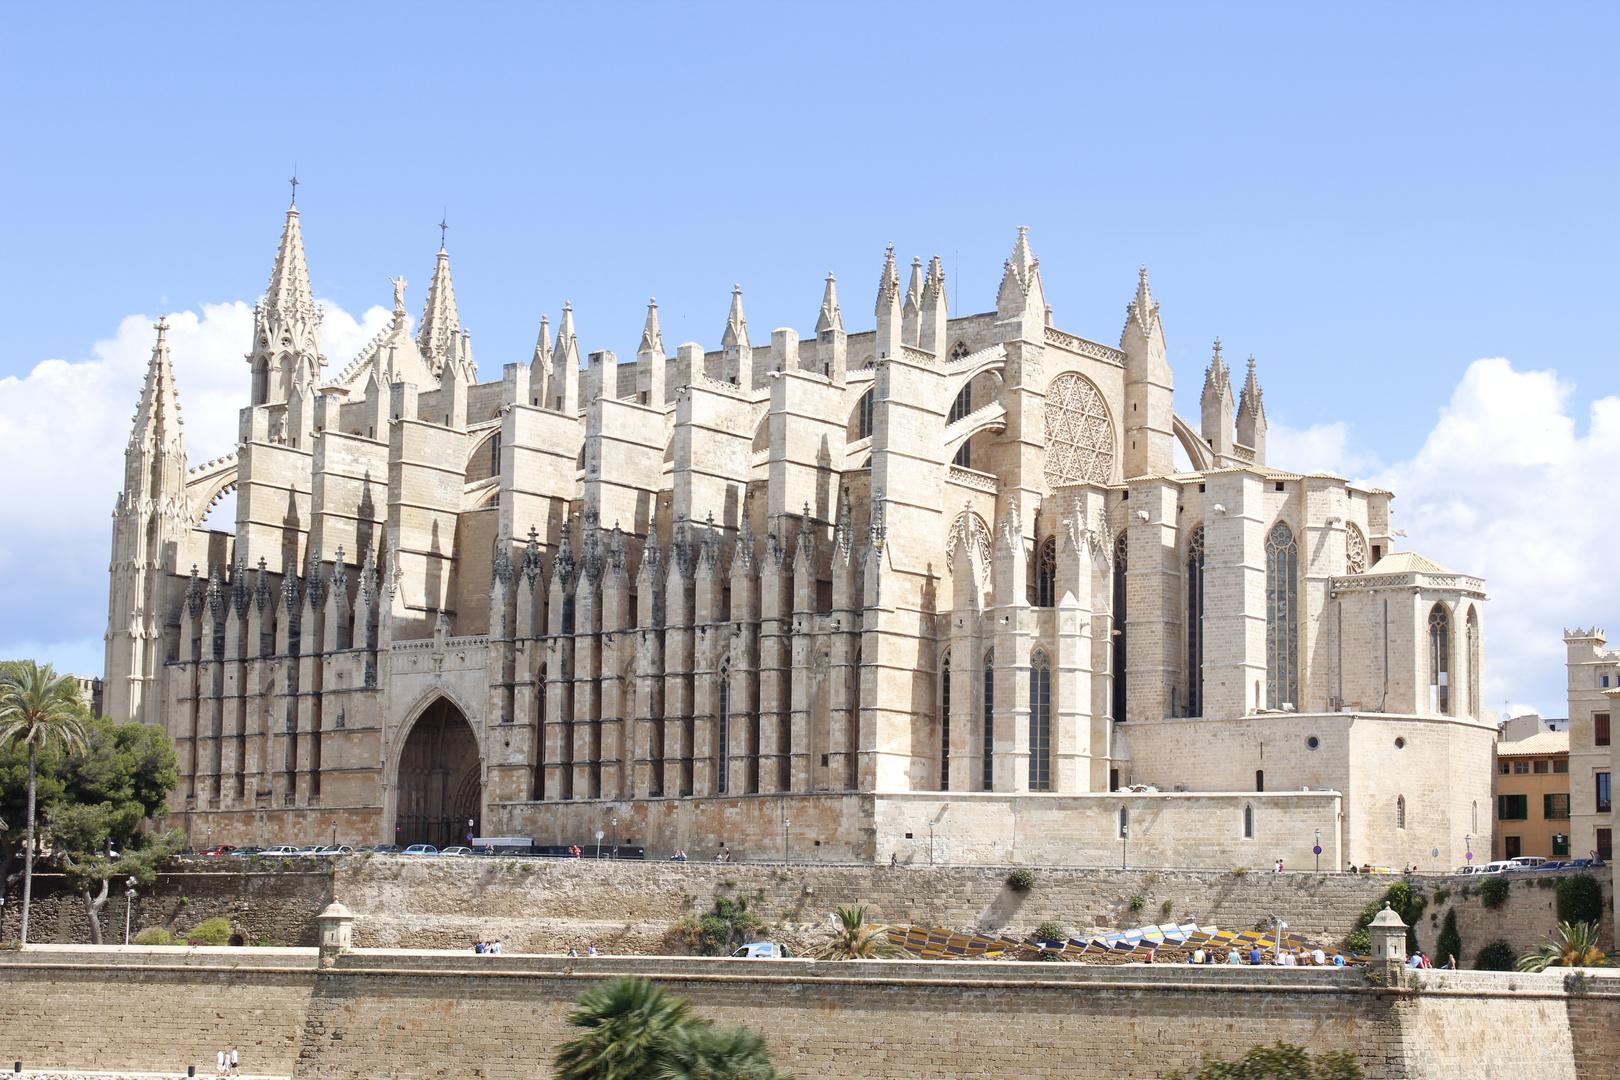 La Seu - Kathedrale de Palma